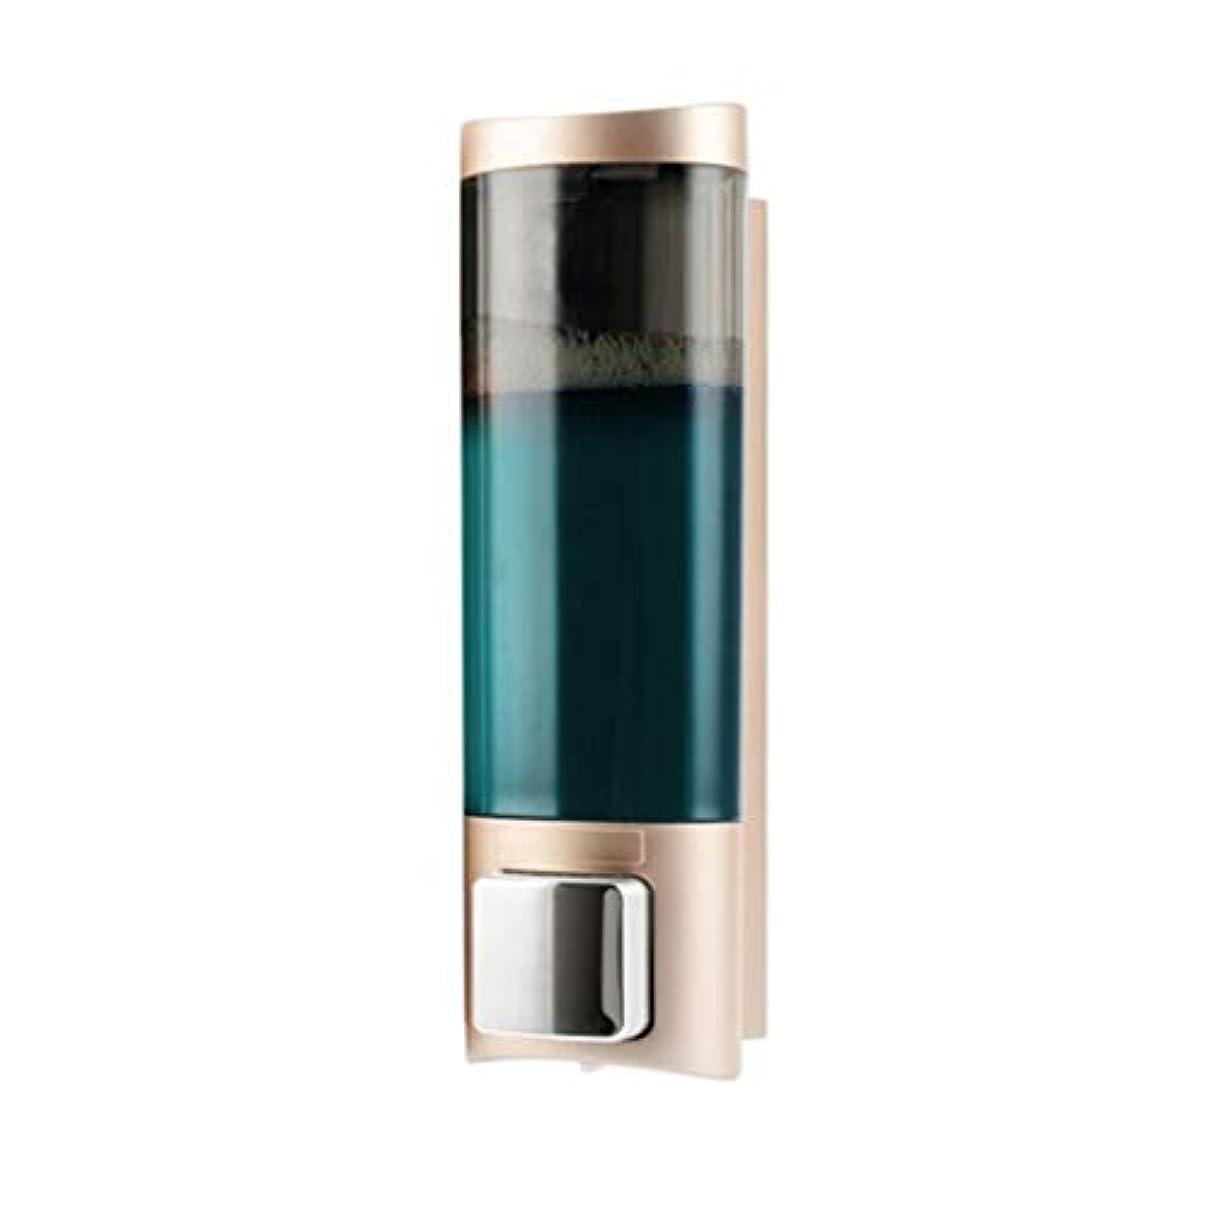 合金夕方レビューKylinssh 液体石鹸ディスペンサーポンプ、浴室または台所、家のホテル - ステンレス鋼のために理想的な壁の台紙の石鹸/ローションディスペンサーポンプ